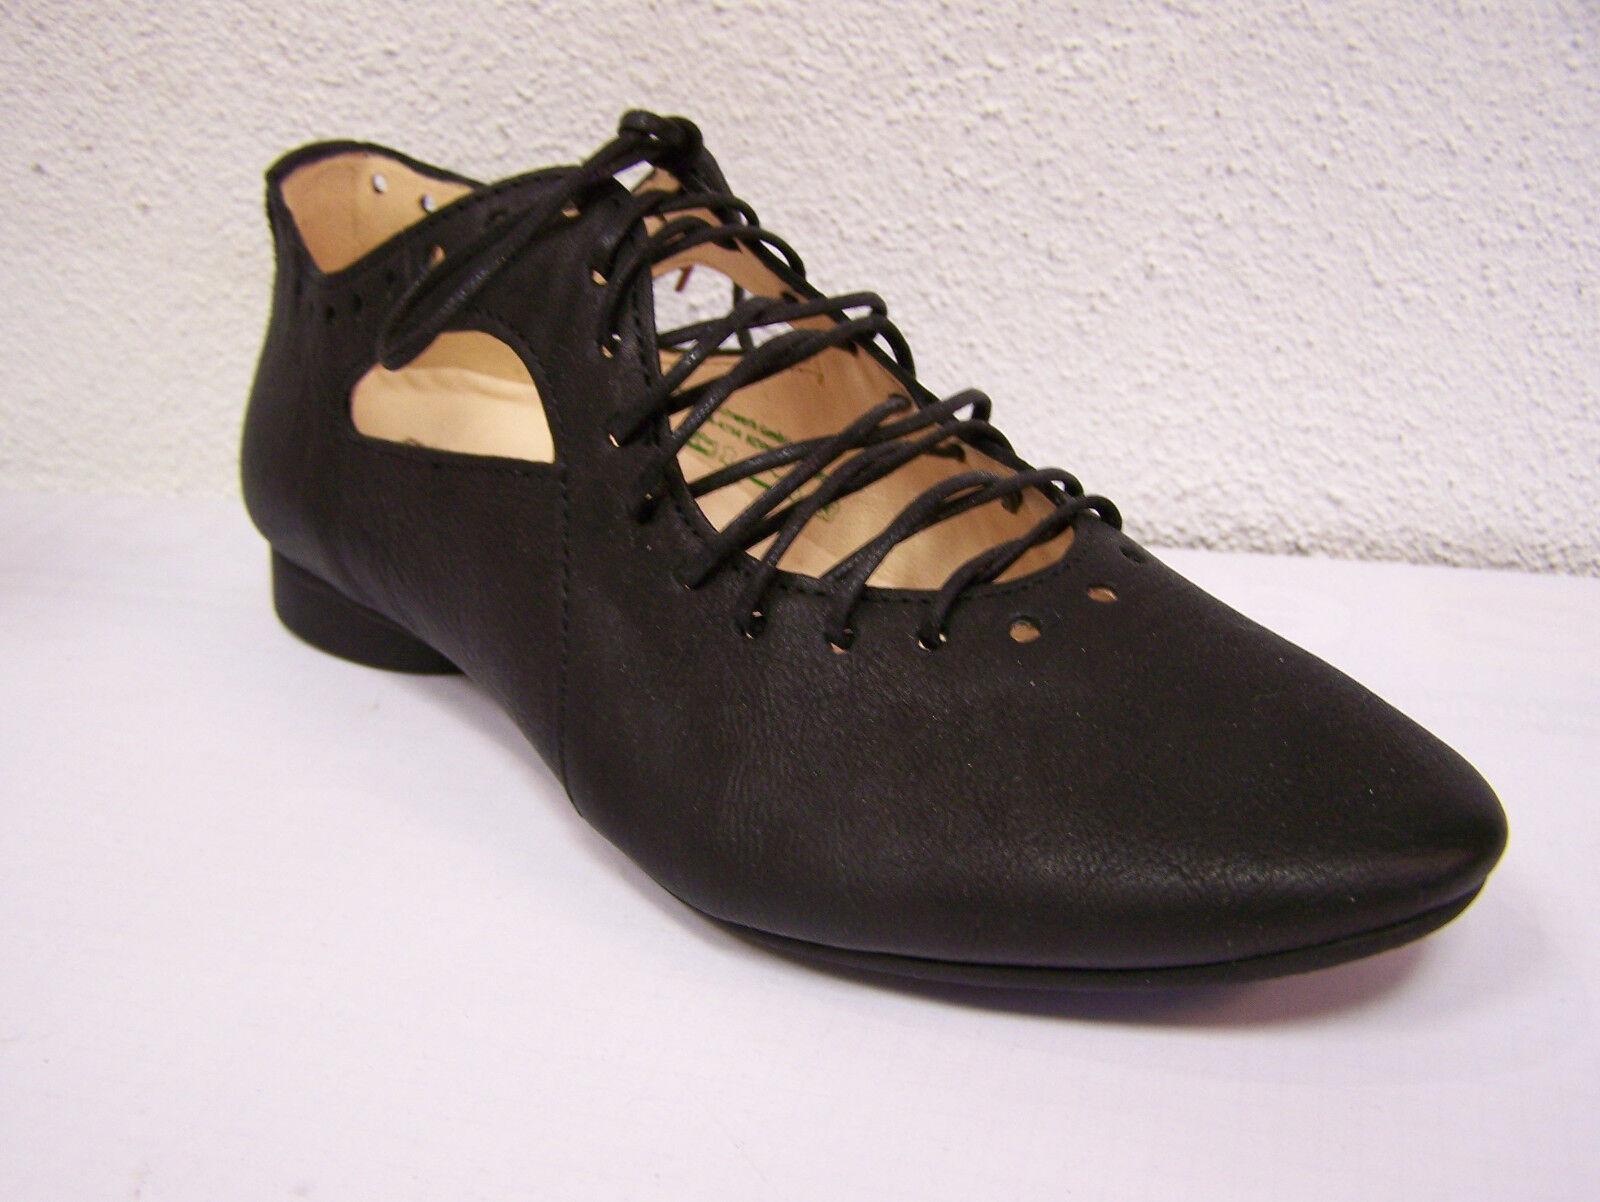 Think  Chaussures Modèle Guad Lacets Noir Texano Calf doux & Chaussure Sac